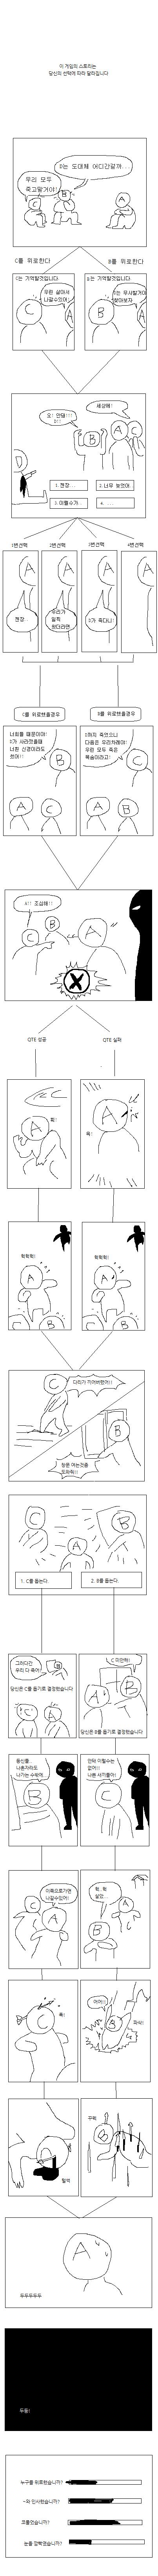 선택지 있는 게임의 특징